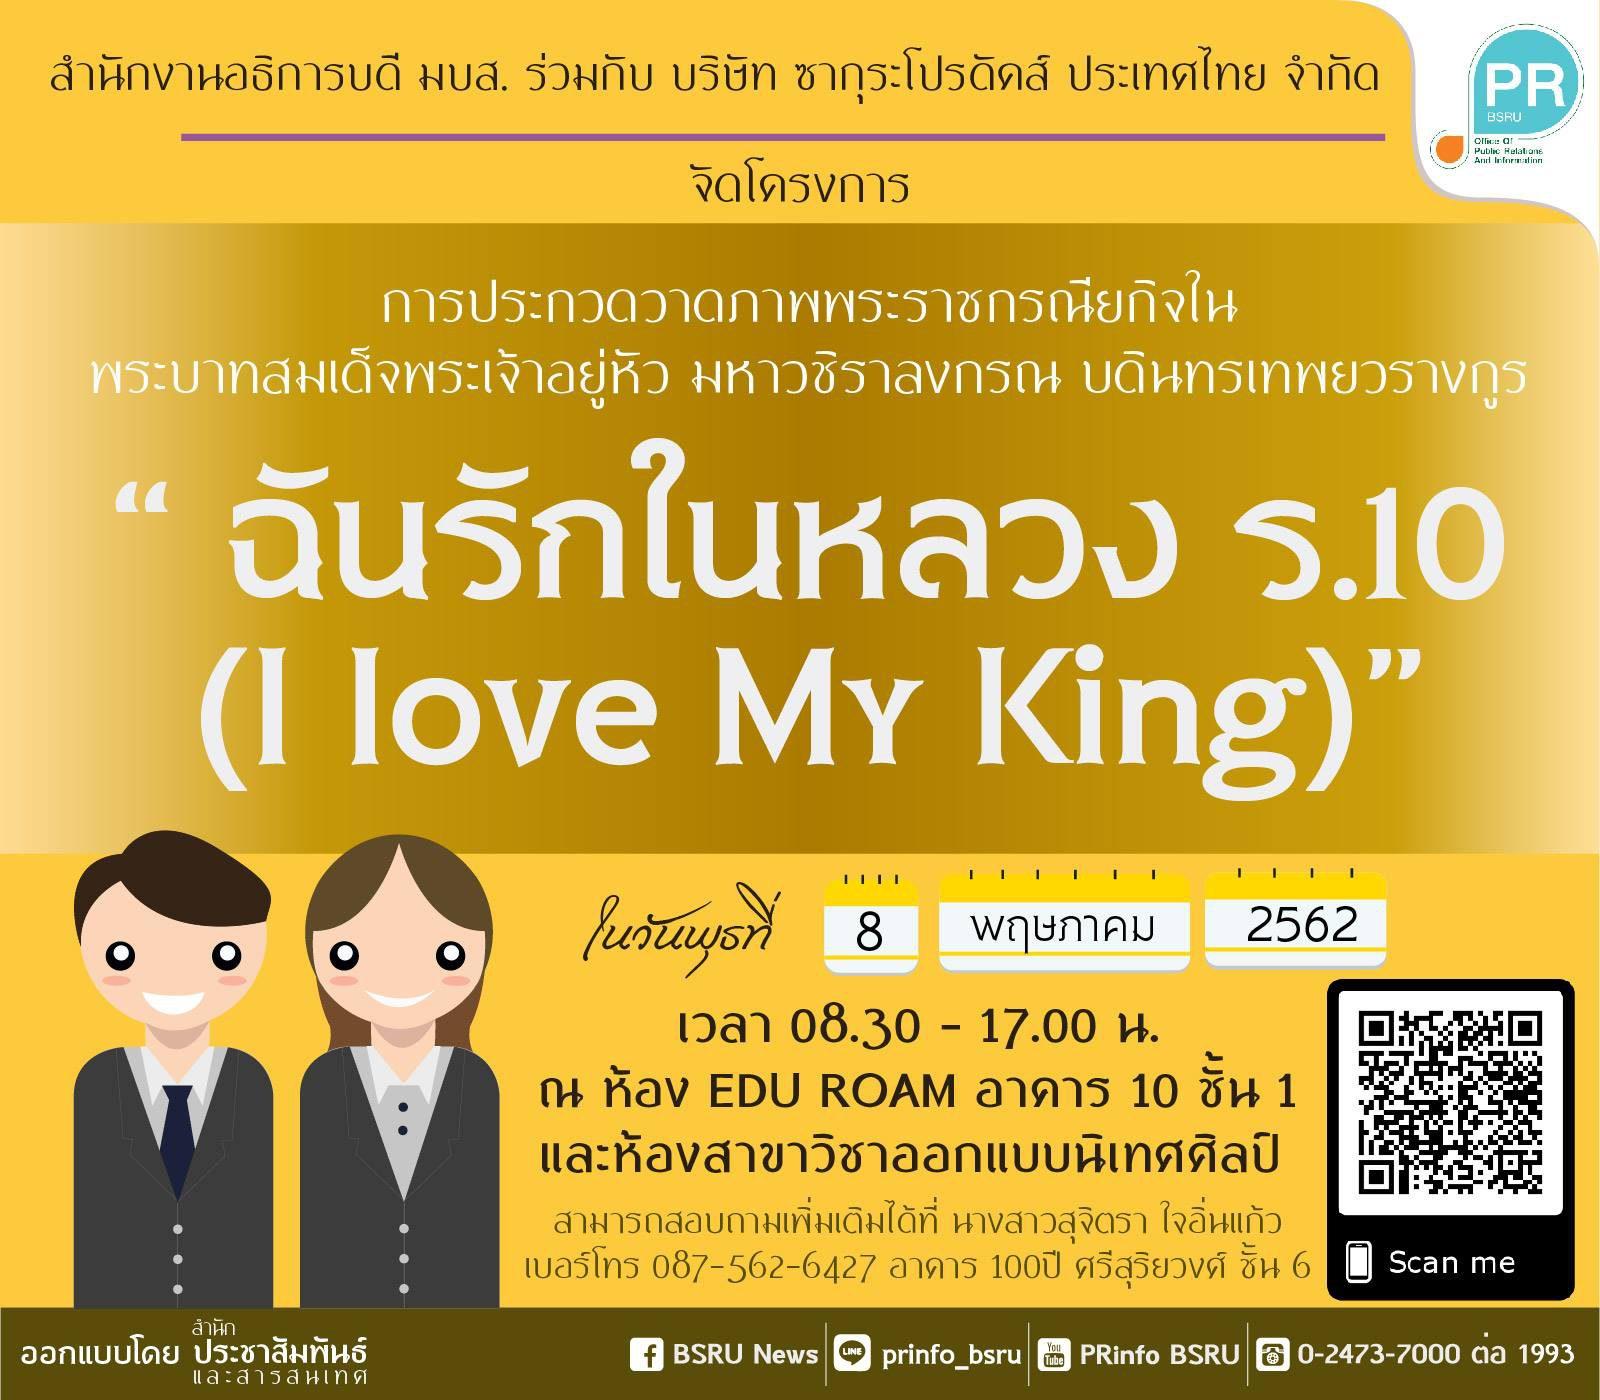 """มรภ. บ้านสมเด็จเจ้าพระยา ร่วมกับ บจก. ซากุระโปรดัคส์ ประเทศไทย จัดประกวดวาดภาพระบายสี หัวข้อ """"ฉันรักในหลวง ร.10 (I Iove My King)"""" ระดับประถมและมัธยมศึกษา"""